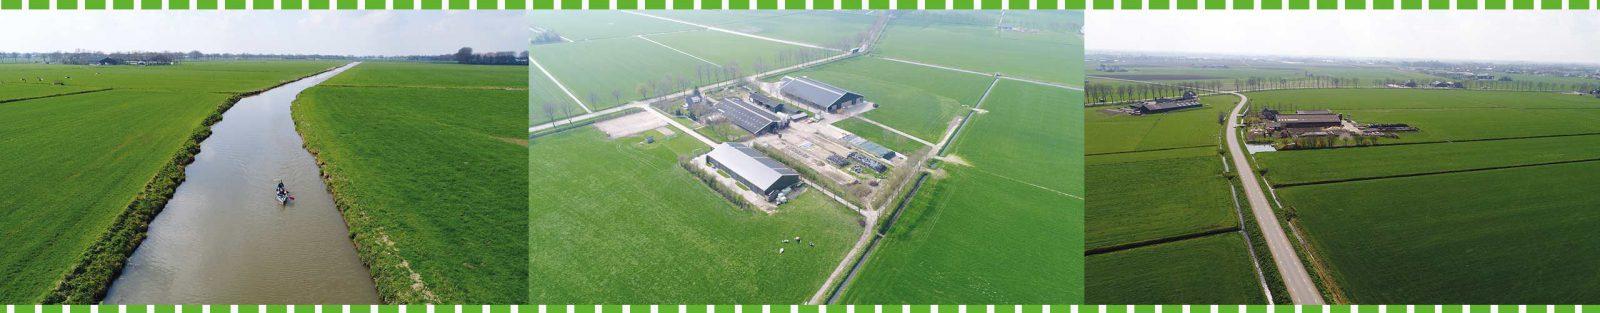 Slider 9 - Boerengolf Hedel - Activiteiten bij de boer